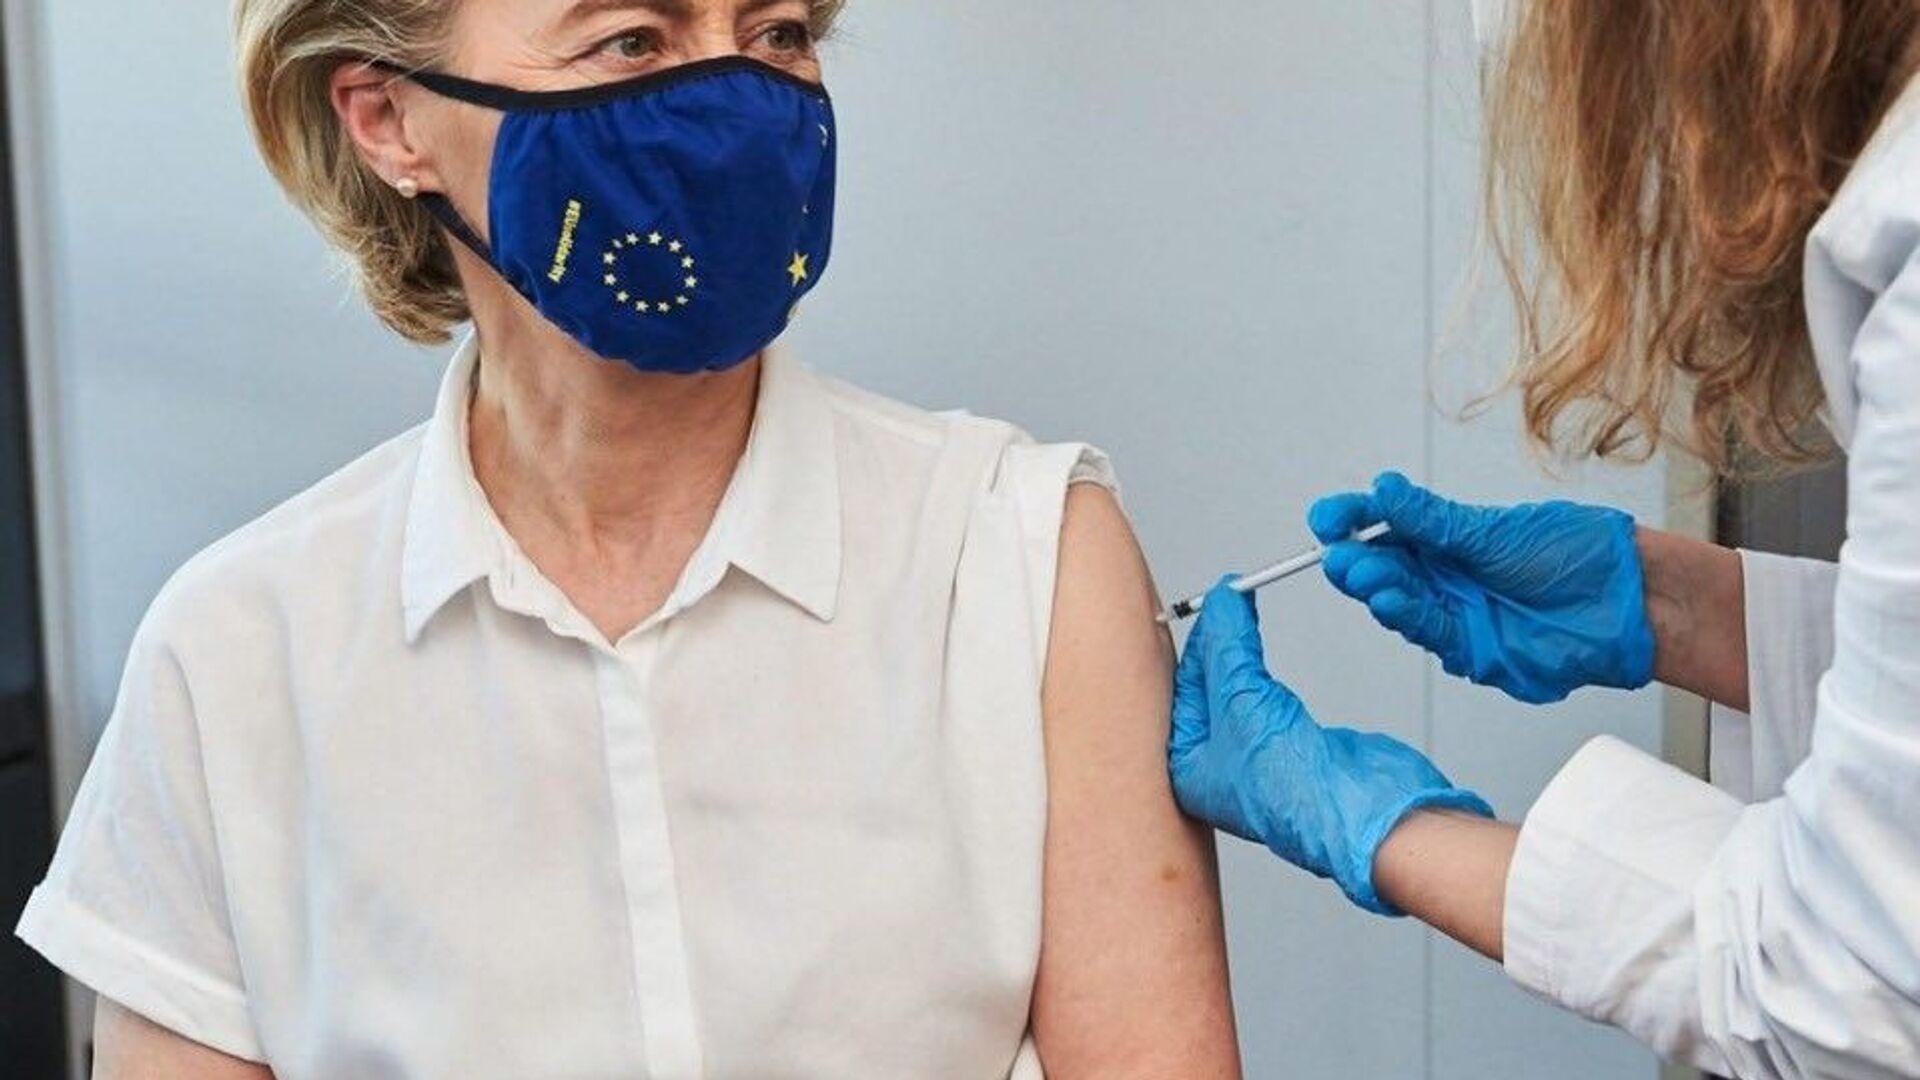 La vaccinazione di Ursula Von Der Leyen - Sputnik Italia, 1920, 27.07.2021